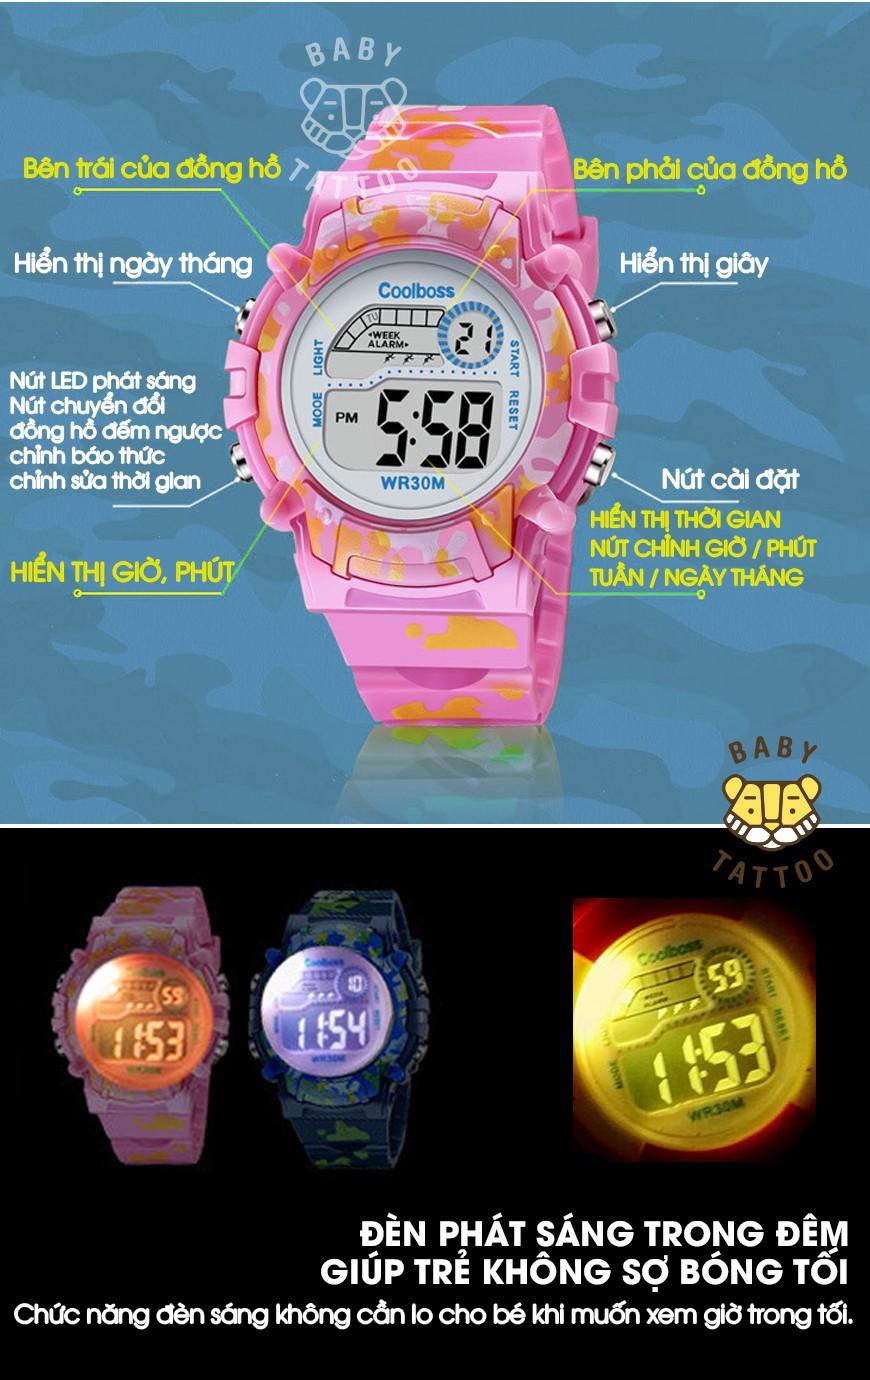 Đồng hồ thể thao cho Bé Đồng hồ bé trai và bé gái không thấm nước và có đèn dạ quang Đồng hồ điện tử trẻ tiểu học và trung học